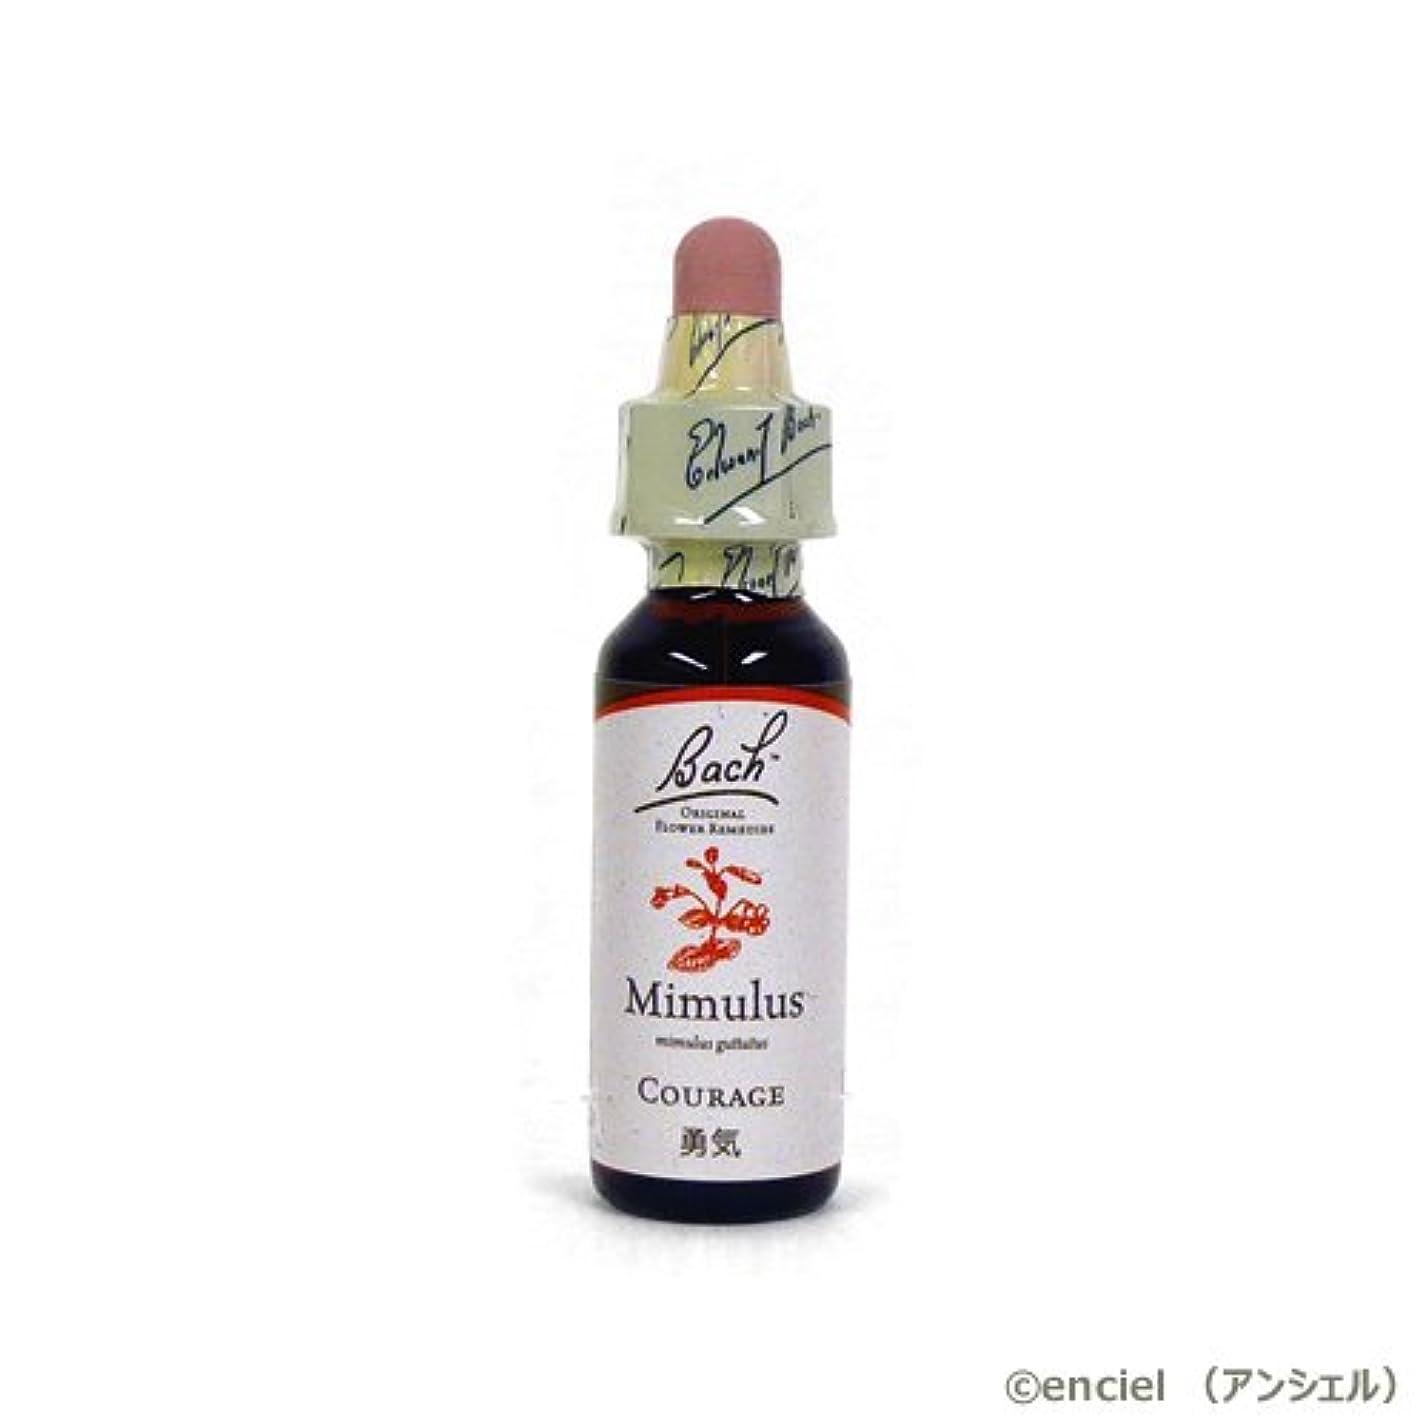 歯人工的な別れるバッチフラワー レメディ ミムラス 10ml グリセリンタイプ 日本国内正規品